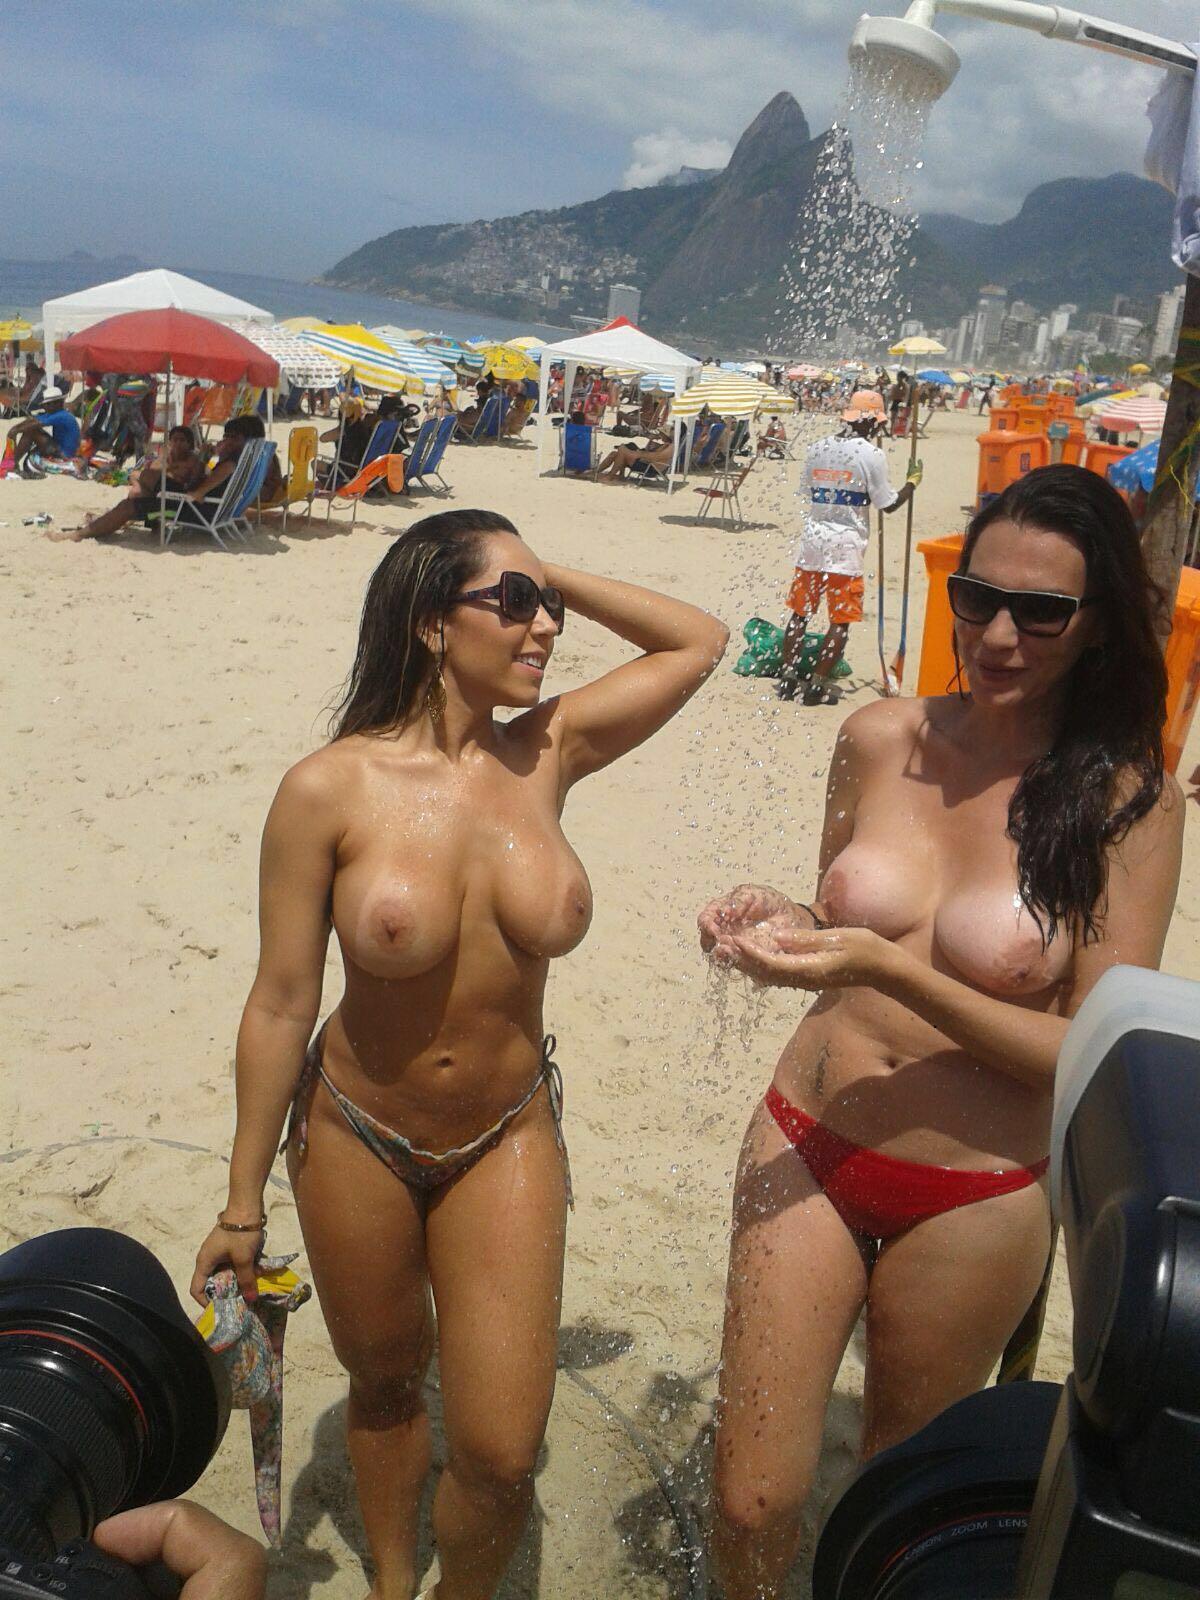 Fotos Da Renata Frisson a Mulher Melão Pelada Em Uma Praia